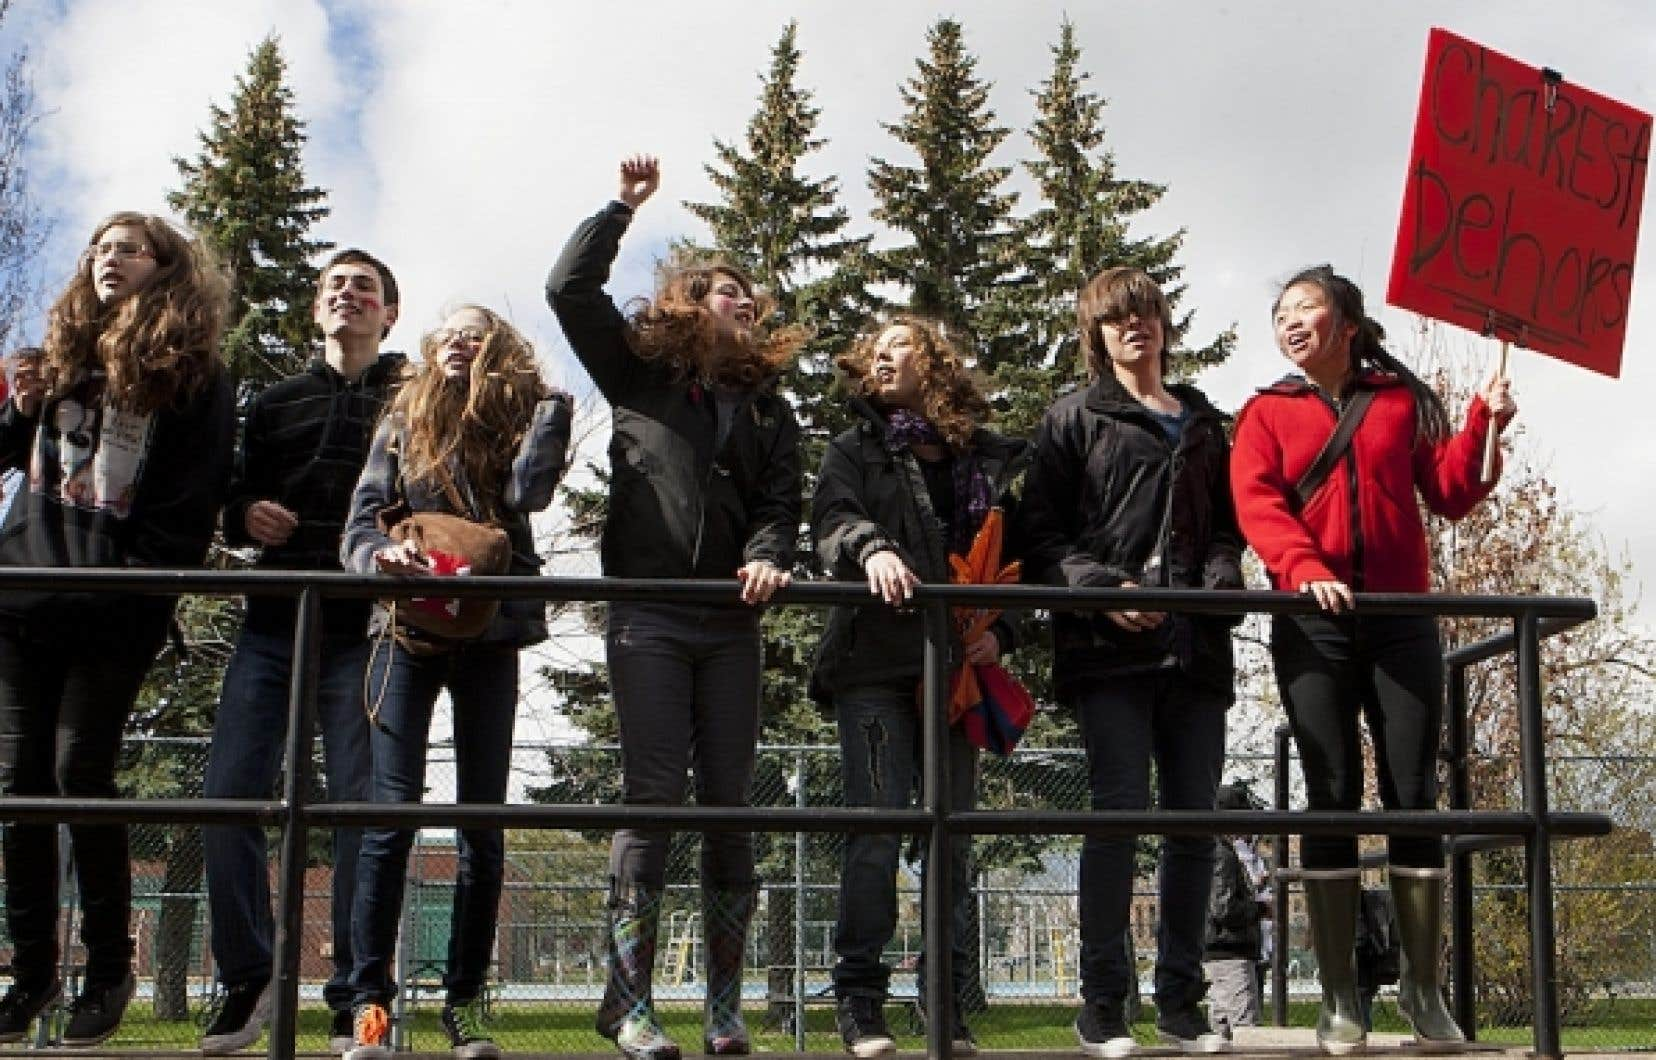 Trois écoles secondaires montréalaises, dont Joseph-François Perrault, se sont résignées à fermer leurs portes après avoir constaté que des élèves avaient dressé des piquets de grève.